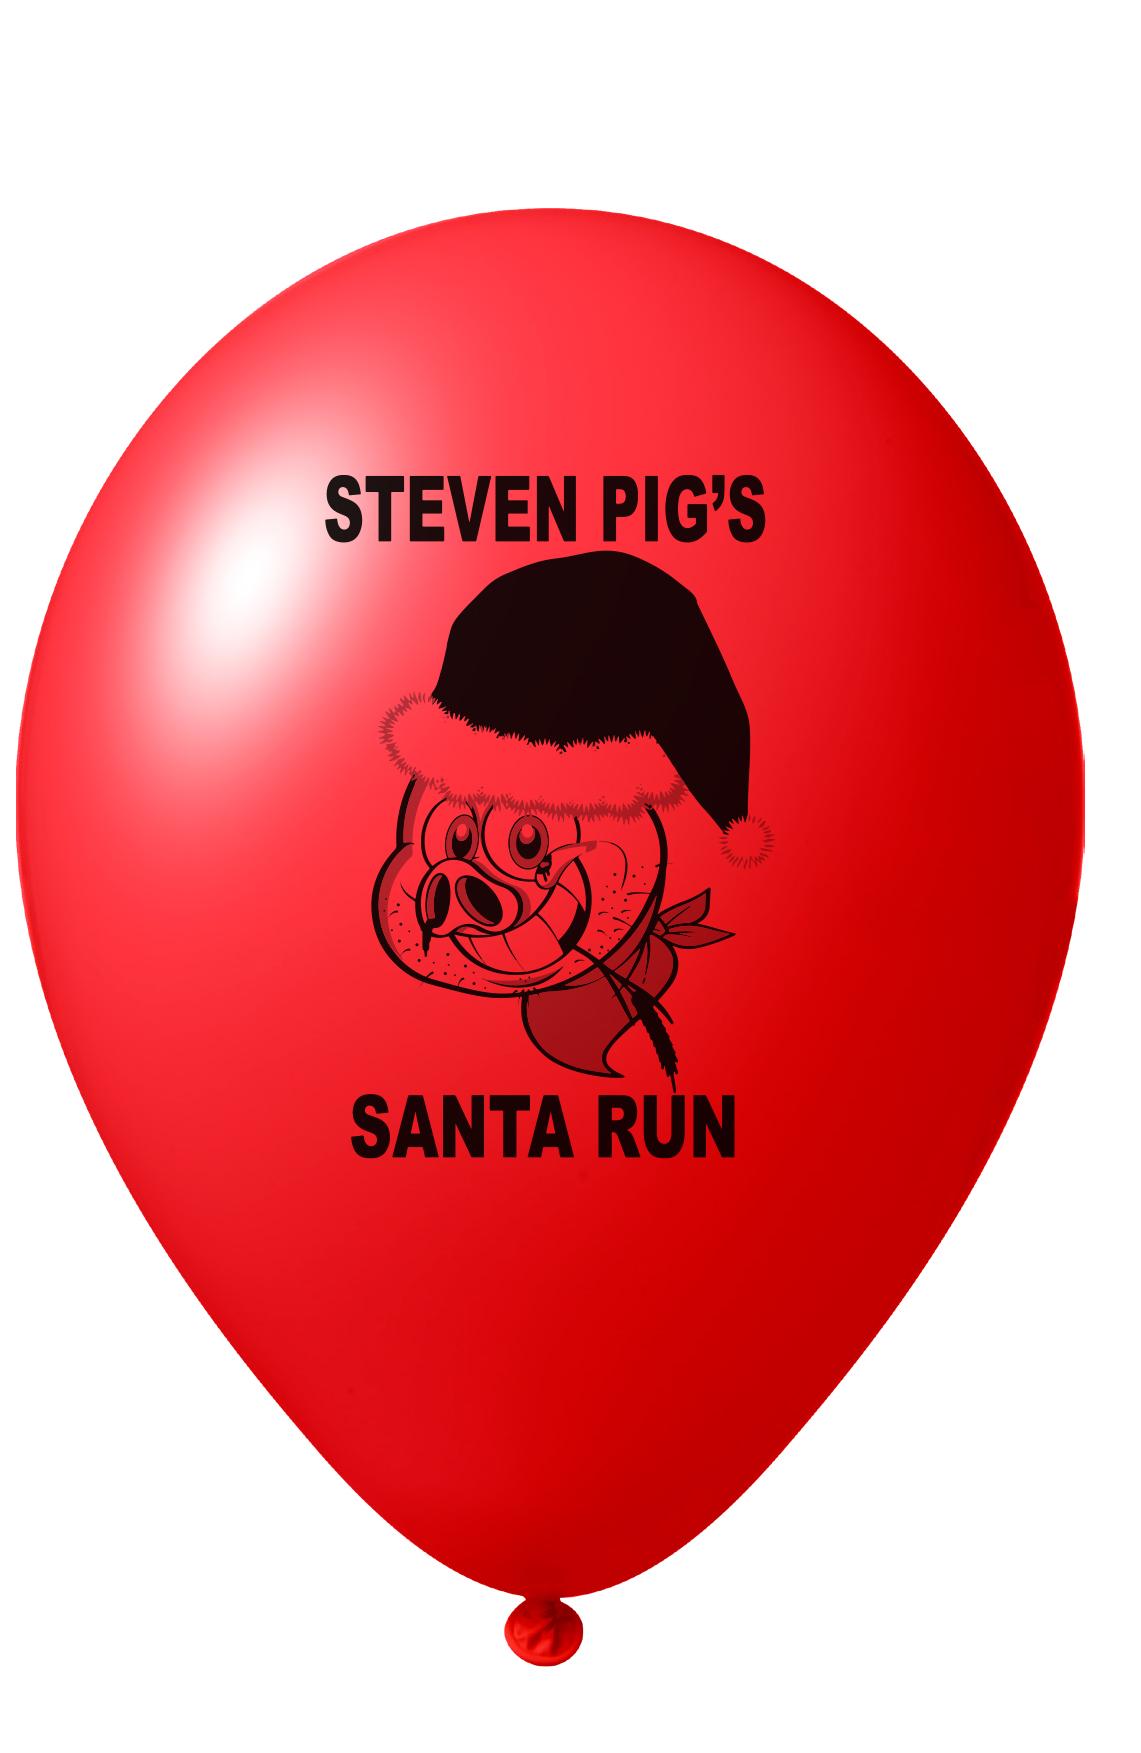 steven pig balloon